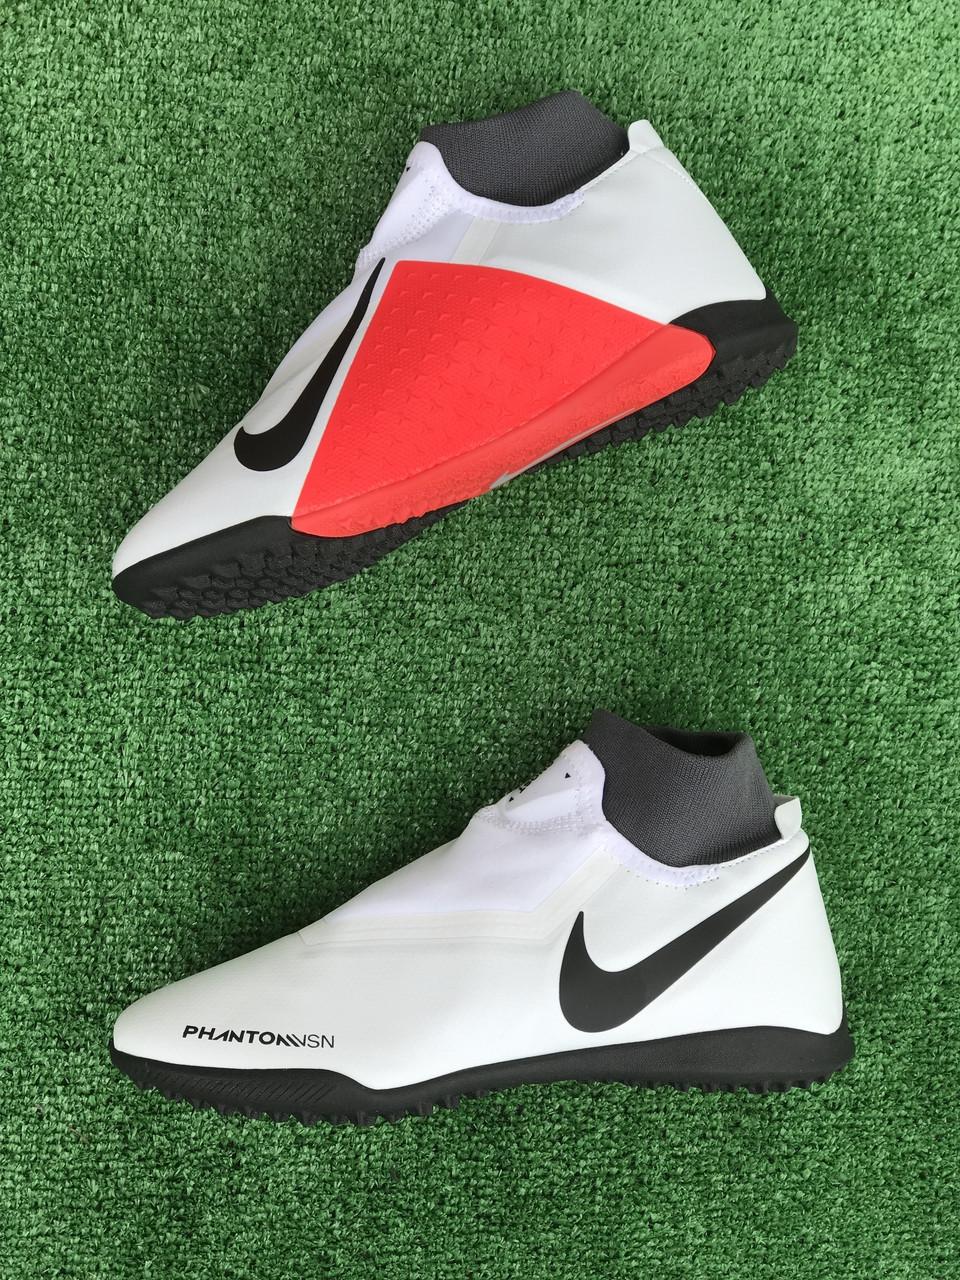 c9742d0c Сороконожки Nike Phantom VSN /бампы/футбольная обувь, цена 1 150 грн ...